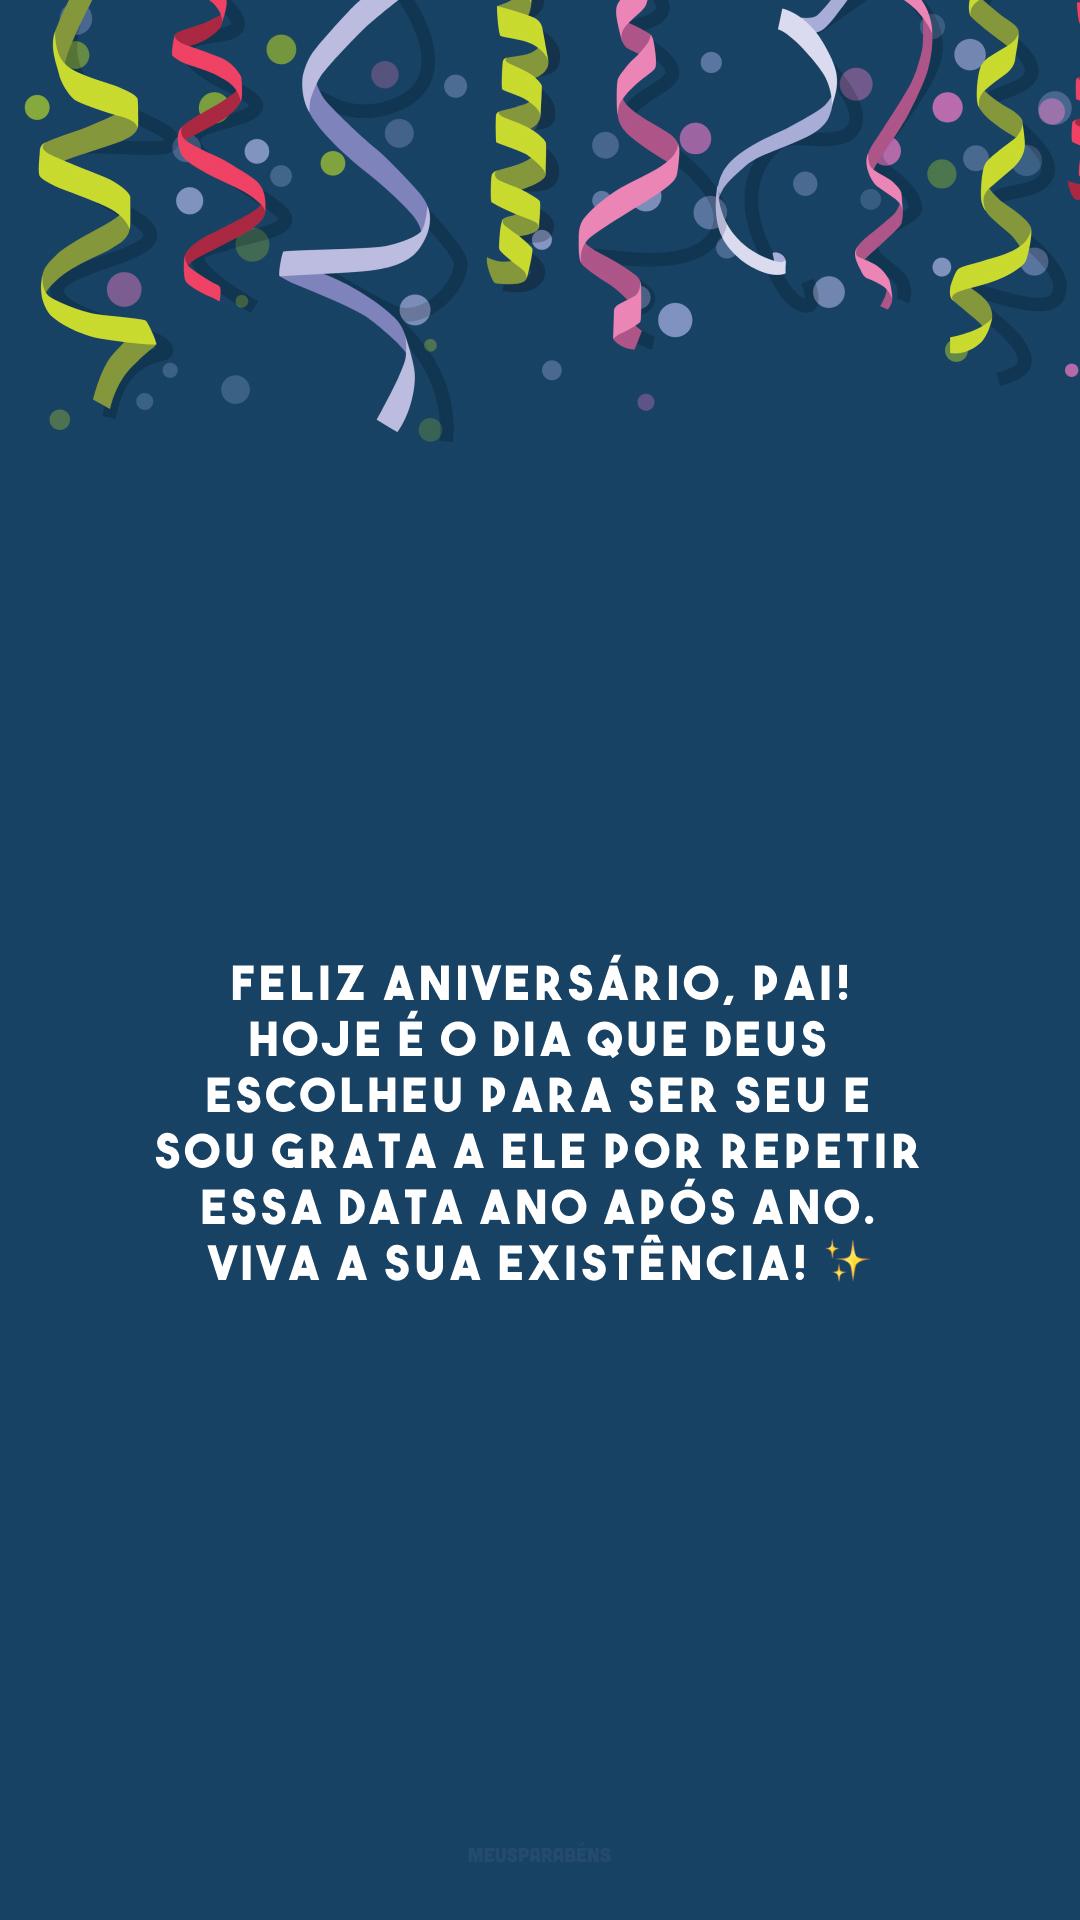 Feliz aniversário, pai! Hoje é o dia que Deus escolheu para ser seu e sou grata a Ele por repetir essa data ano após ano. Viva a sua existência! ✨